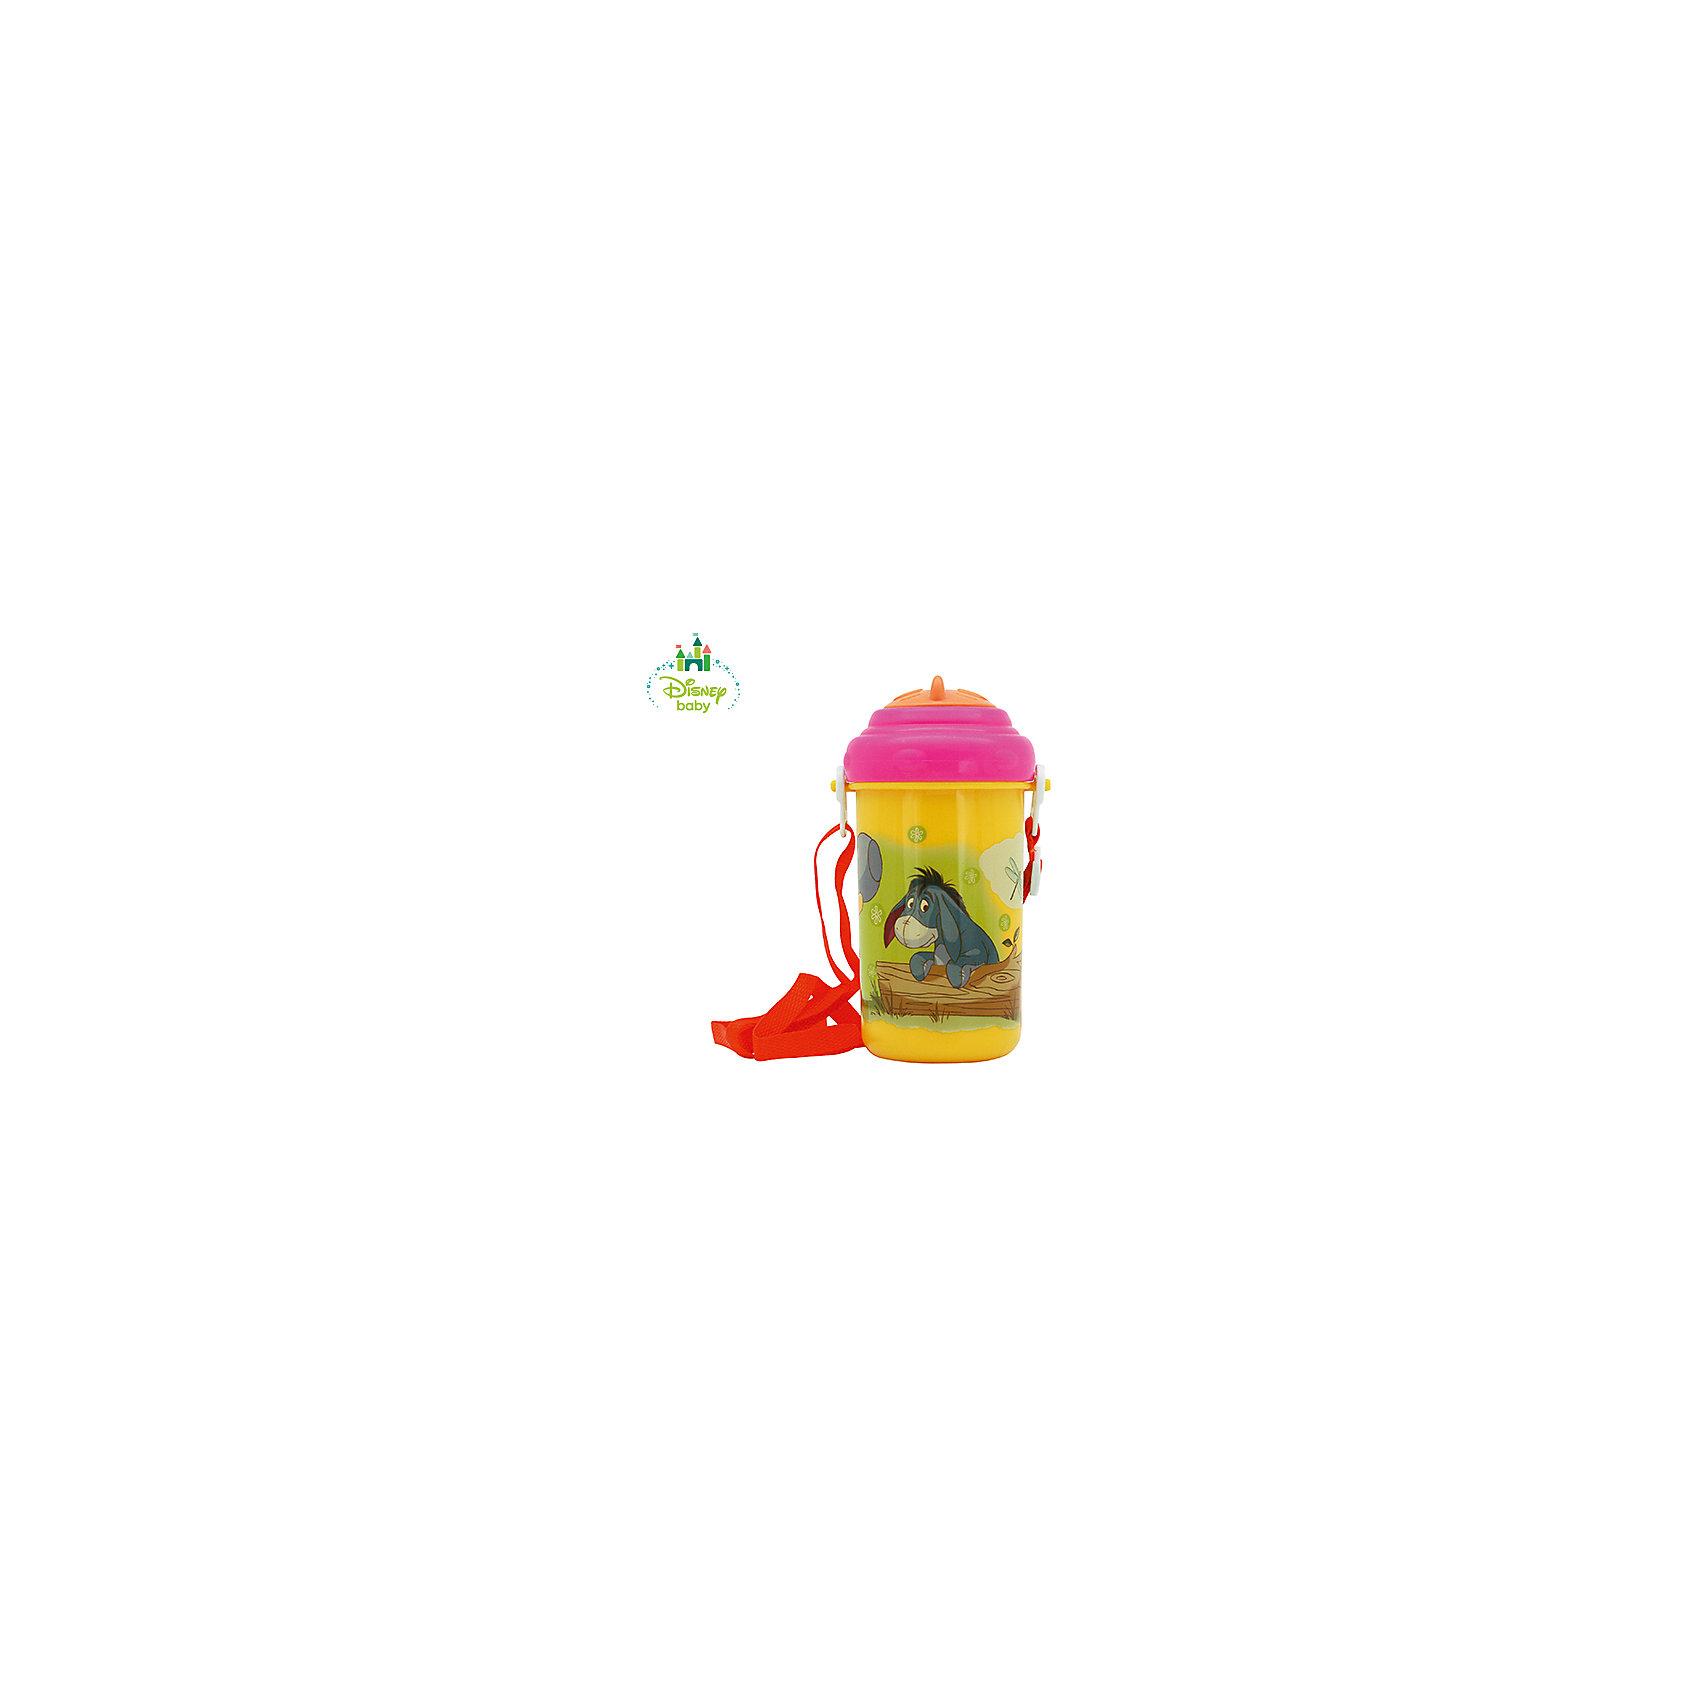 Поильник Медвежонок Винни DISNEY от 6 мес., 360 мл., LUBBY, желтый/розовыйПоильники<br>Поильник с трубочкой для любителей пускать пузыри!<br>У поильника Медвежонок Винни с трубочкой и ремешком есть специальная сдвигаемая крышечка, которая обеспечивает защиту от микробов. Благодаря тому, что крышечка не съемная ее невозможно потерять. А с помощью специального ремешка, поильник легко может носить как мамочка, так и ребенок.<br>Яркий дизайн поильника с изображением героев Дисней сделает его любимым для Малыша.<br>Перед первым использованием необходимо прокипятить изделие в течение 5 минут. В дальнейшем перед каждым использованием кружку необходимо мыть теплой водой с мылом, тщательно ополаскивать. Можно мыть в посудомоечной машине.<br><br>Дополнительная информация: <br><br>- состав: полипропилен, силикон<br>- срок службы: 1 год<br>- размер единичной упаковки (дхшхв) : 90*160*80<br><br>Поильник Медвежонок Винни с трубочкой и ремешком можно купить в нашем интернет-магазине.<br><br>Ширина мм: 90<br>Глубина мм: 160<br>Высота мм: 80<br>Вес г: 350<br>Возраст от месяцев: 6<br>Возраст до месяцев: 36<br>Пол: Унисекс<br>Возраст: Детский<br>SKU: 4801549